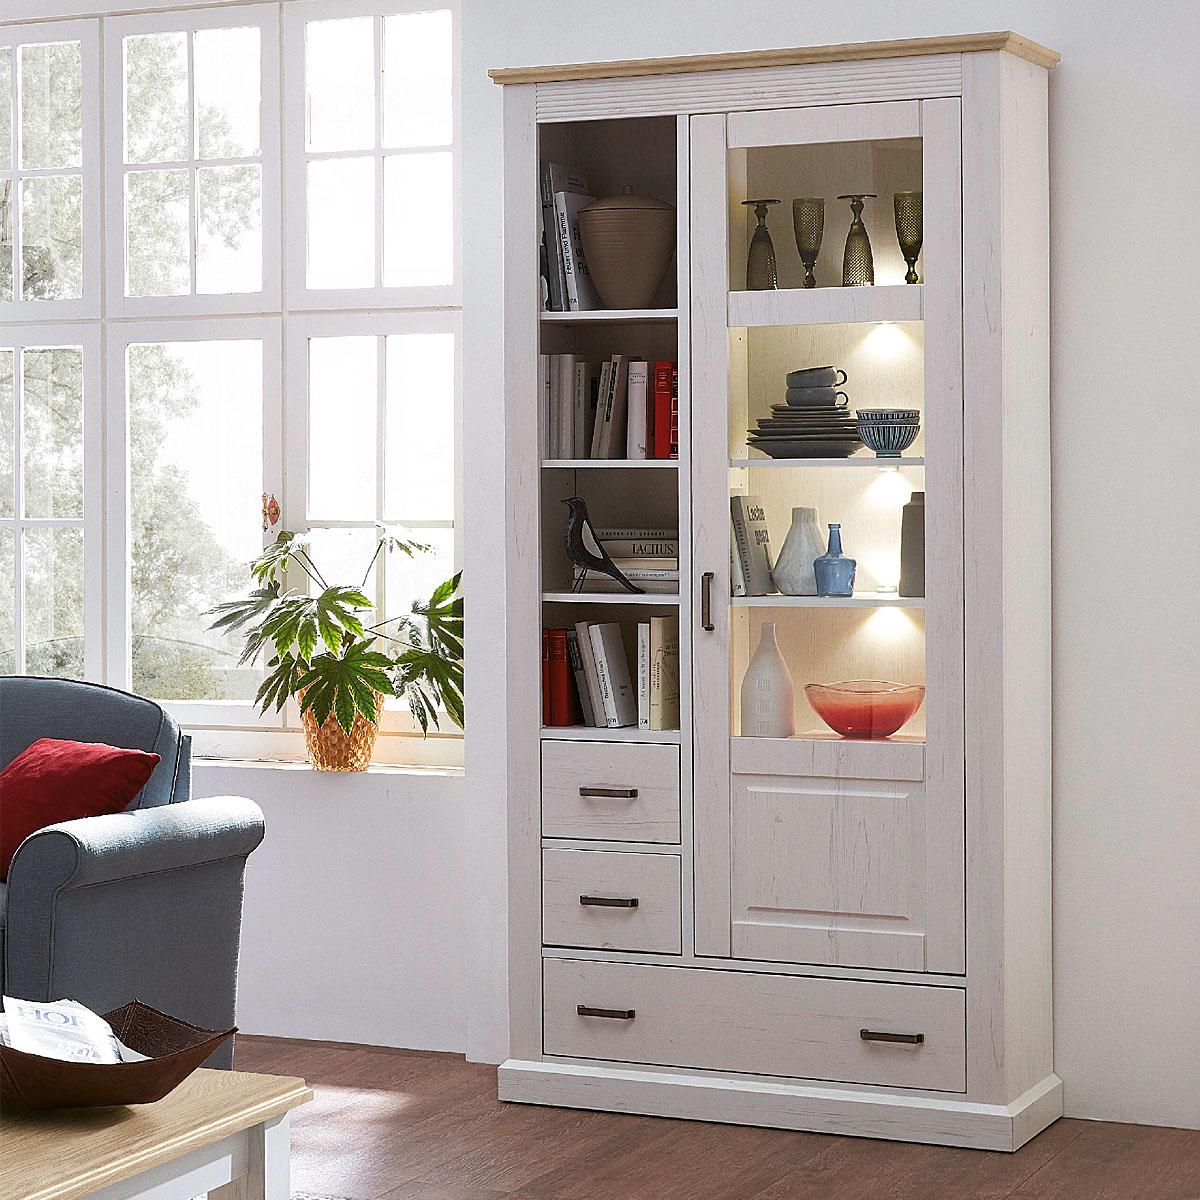 beleuchtung wohnzimmer esszimmer – caseconrad